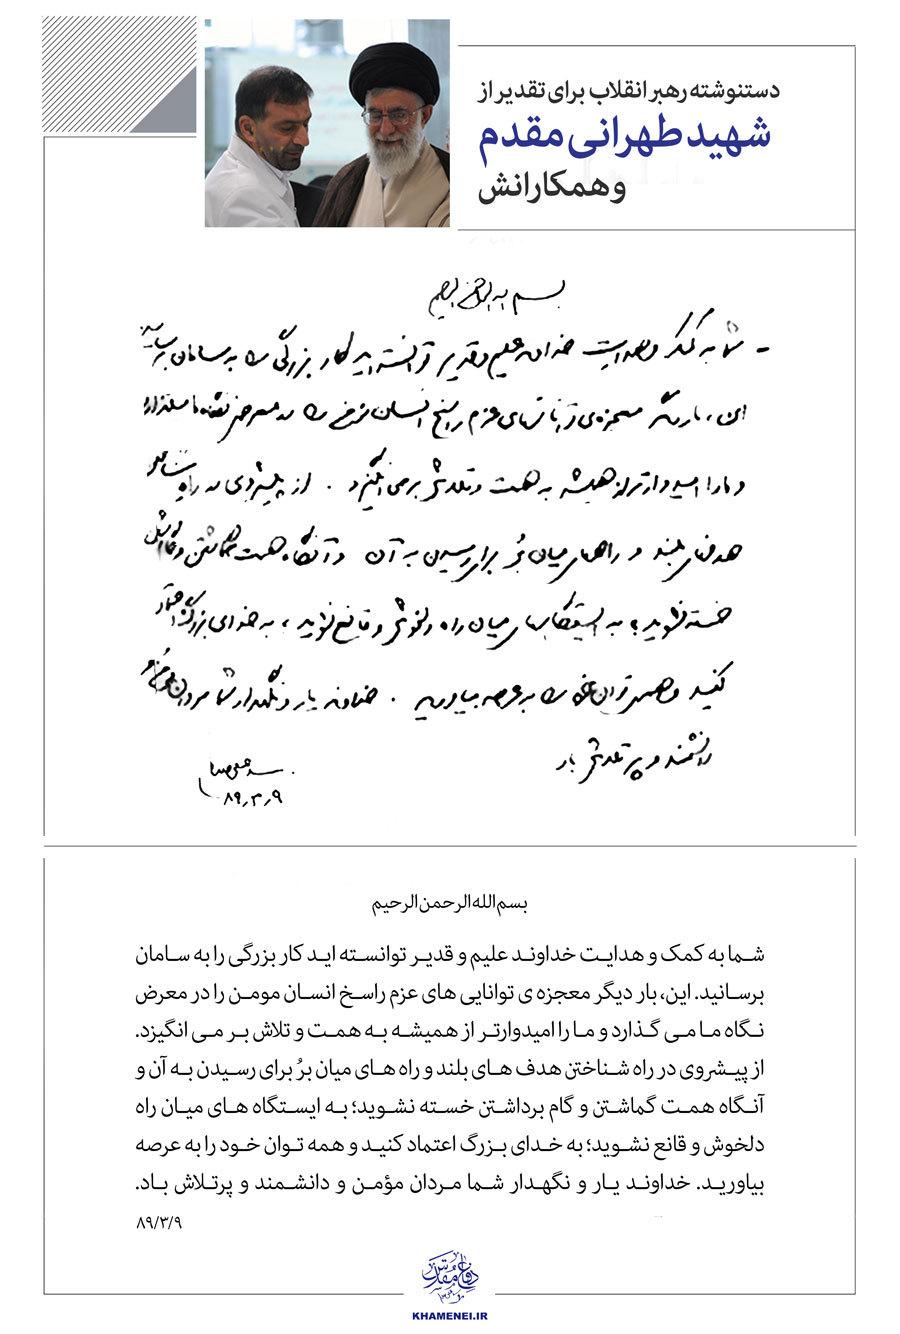 تقدیر از شهید طهرانی مقدم و همکارانش